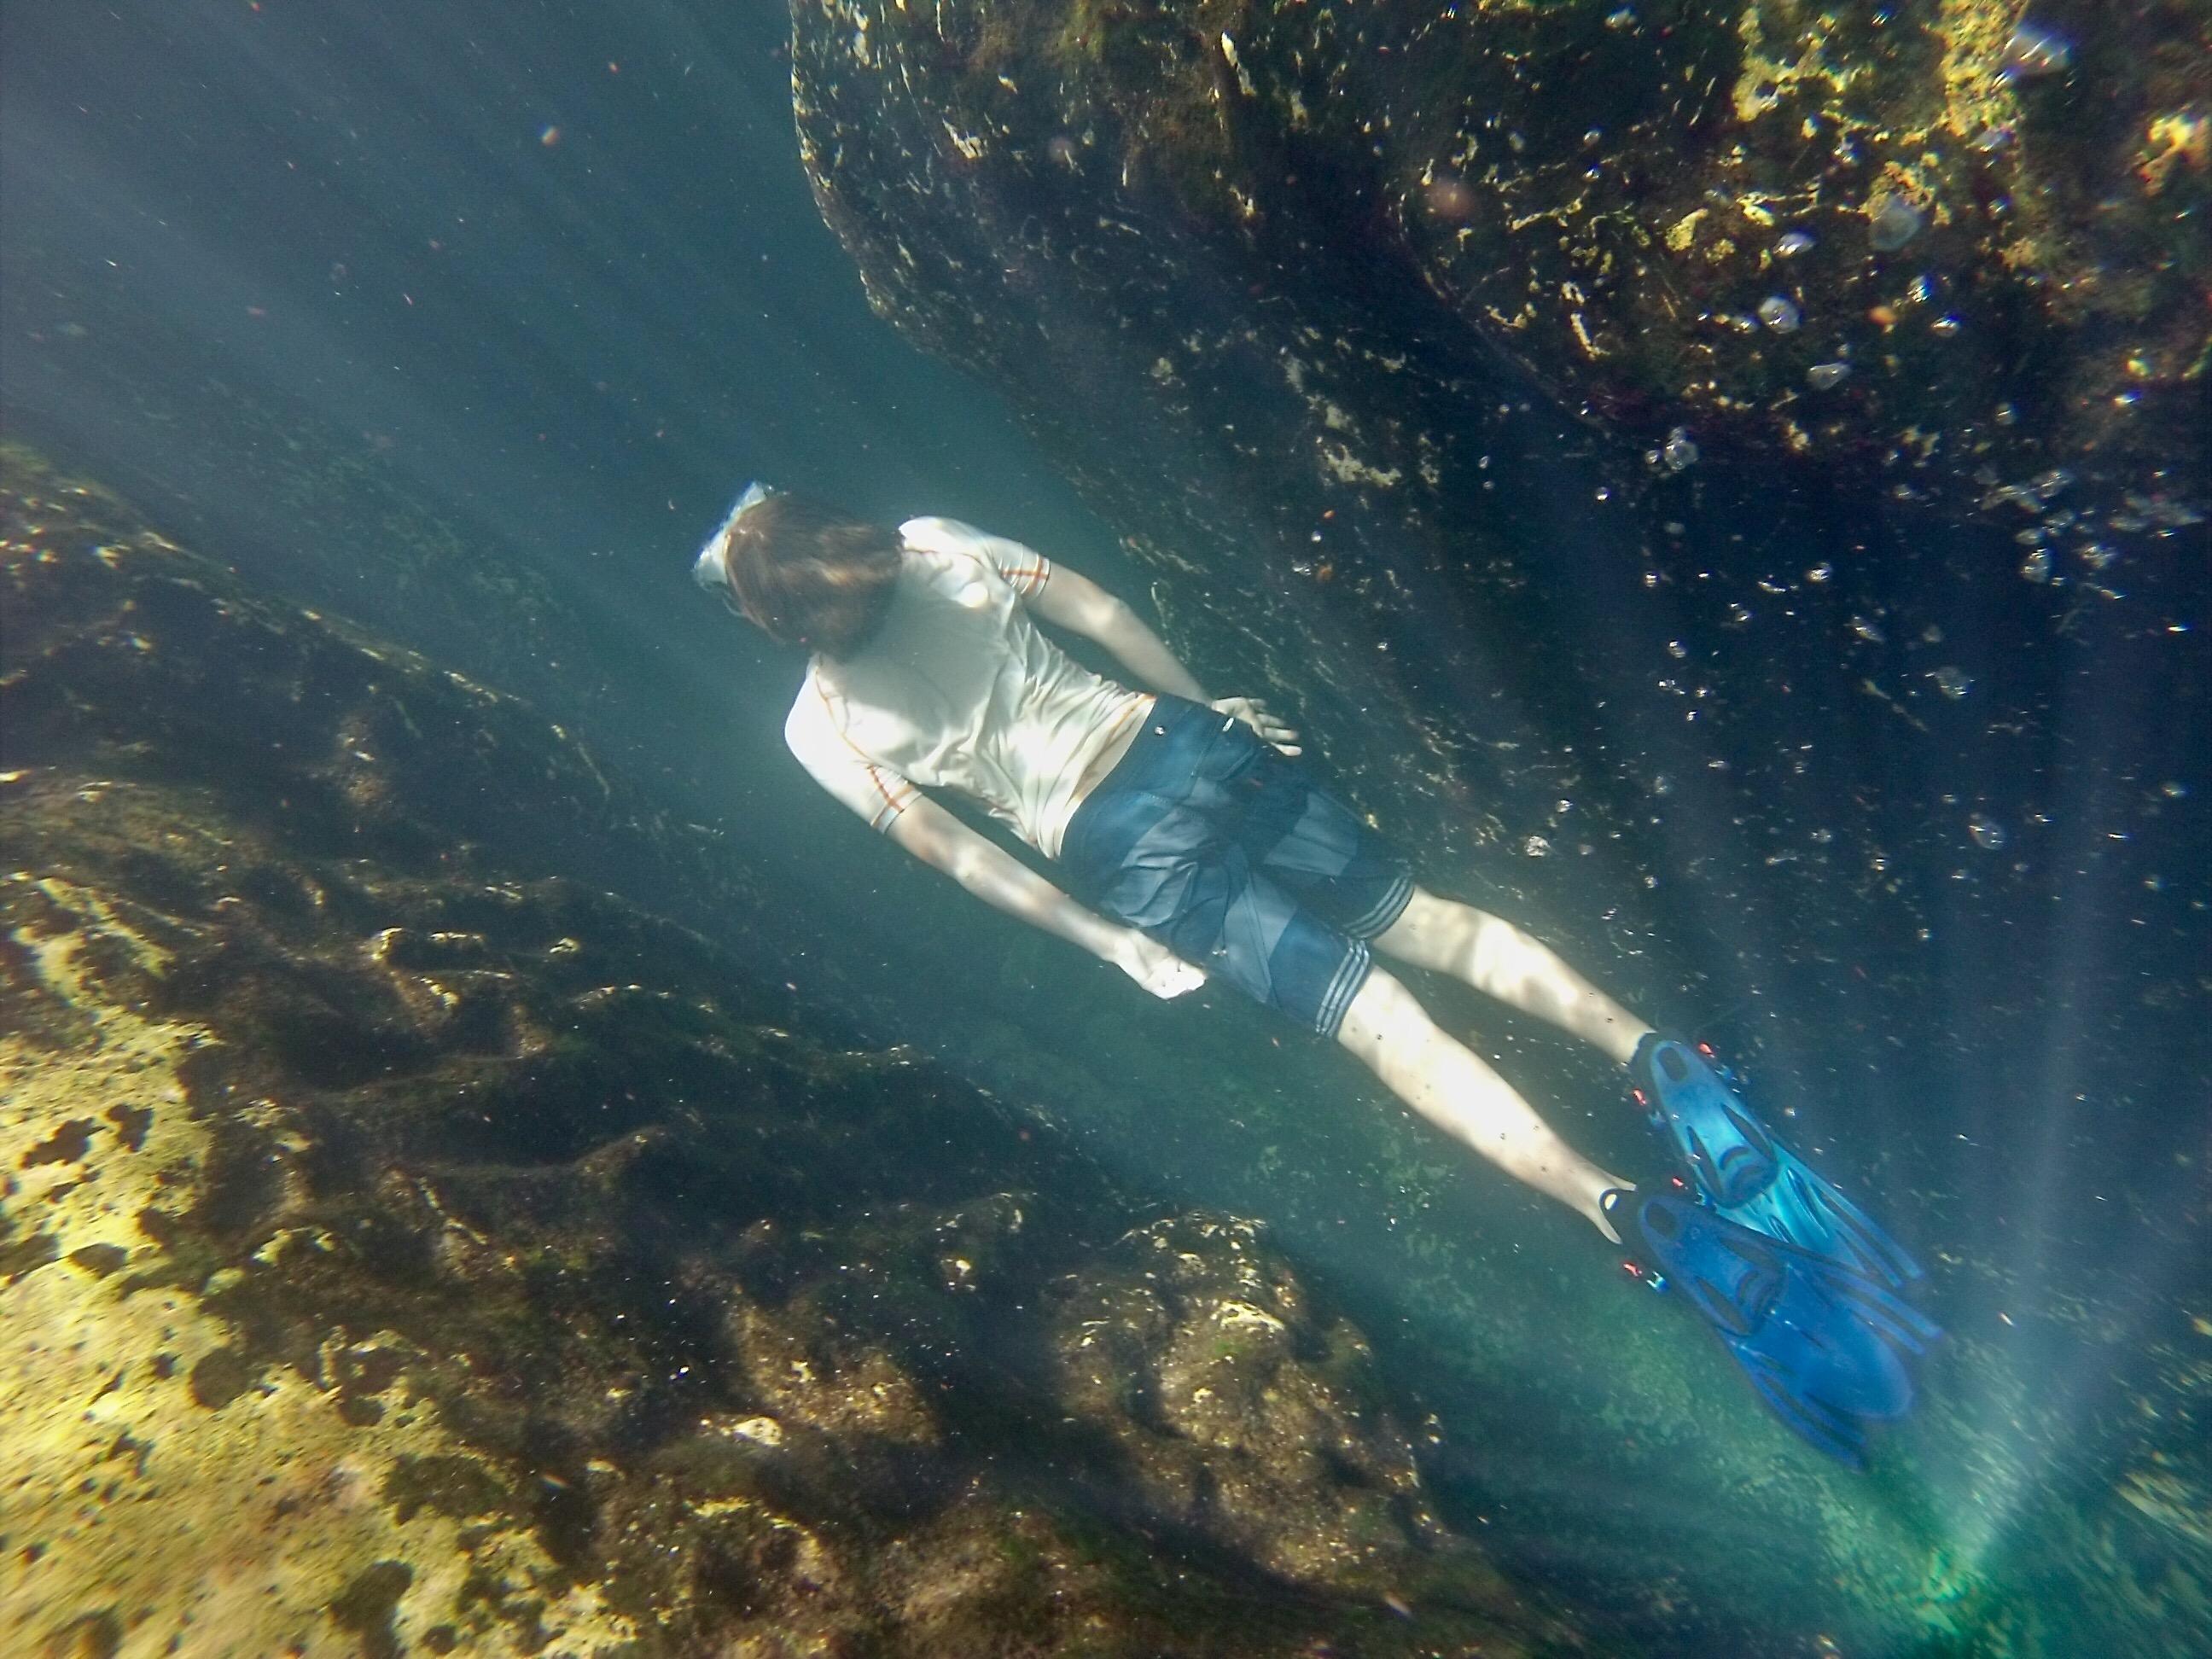 Swimming at Wekiwa Springs | Florida State Parks